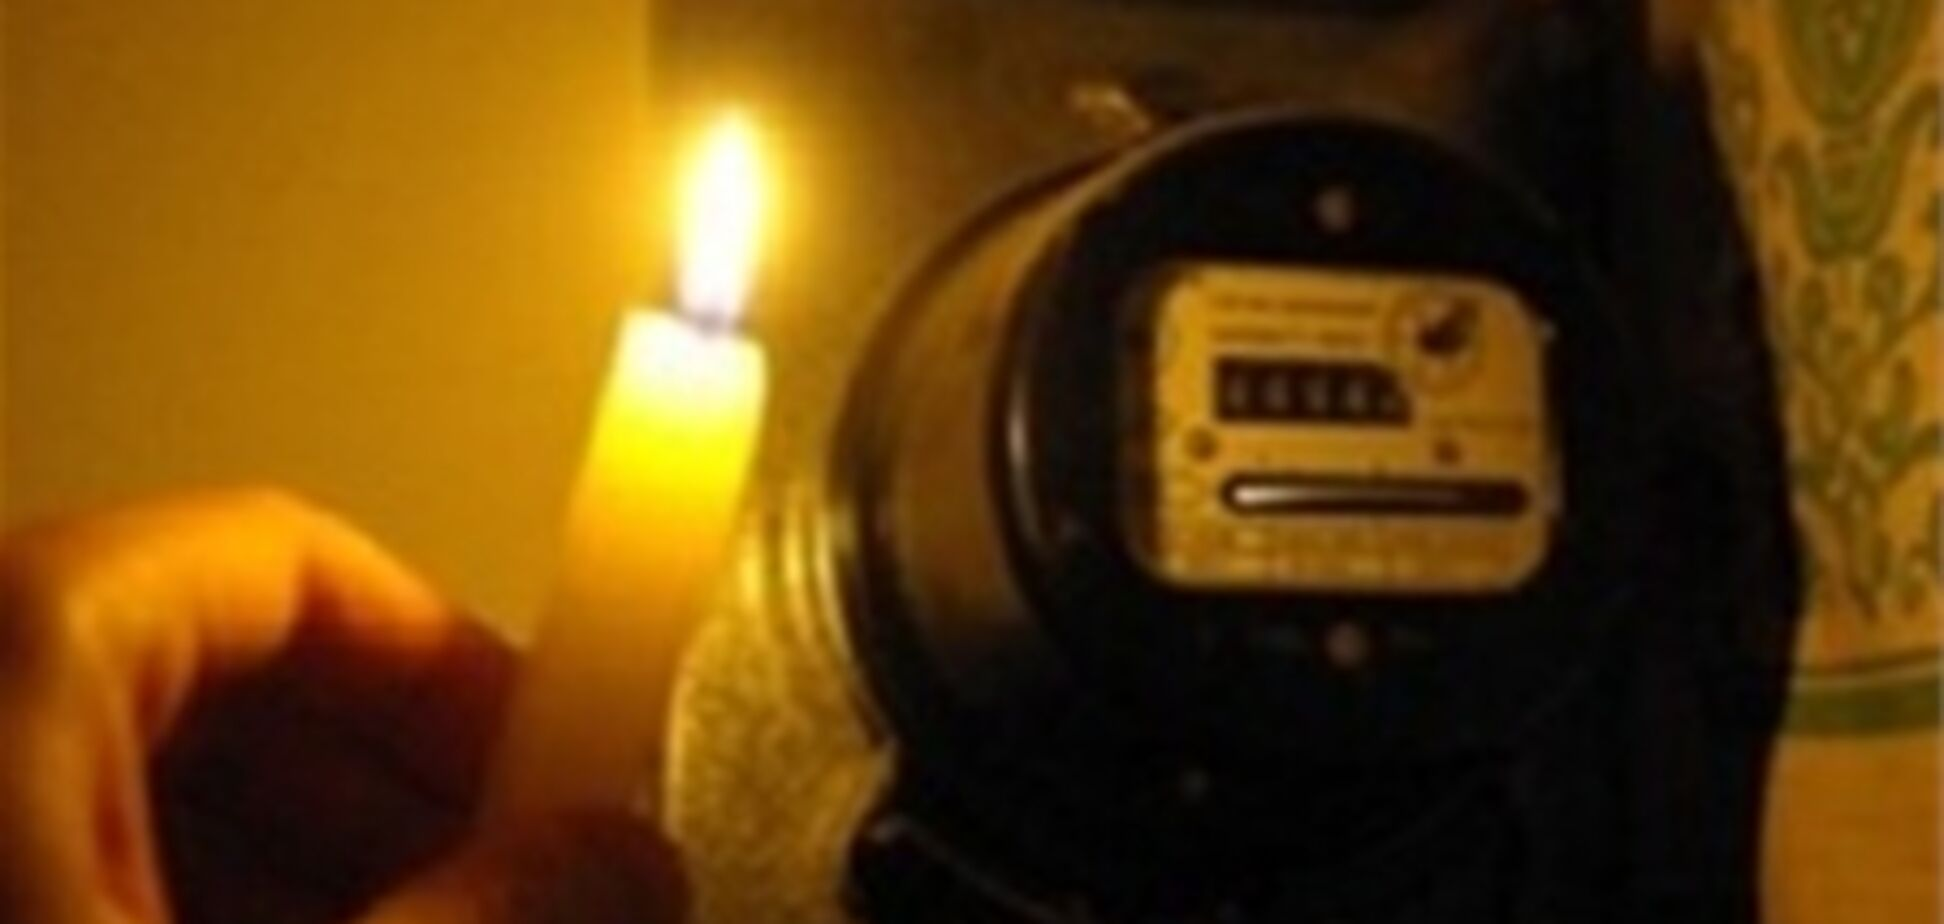 Чернигов вчера полтора часа сидел во мраке